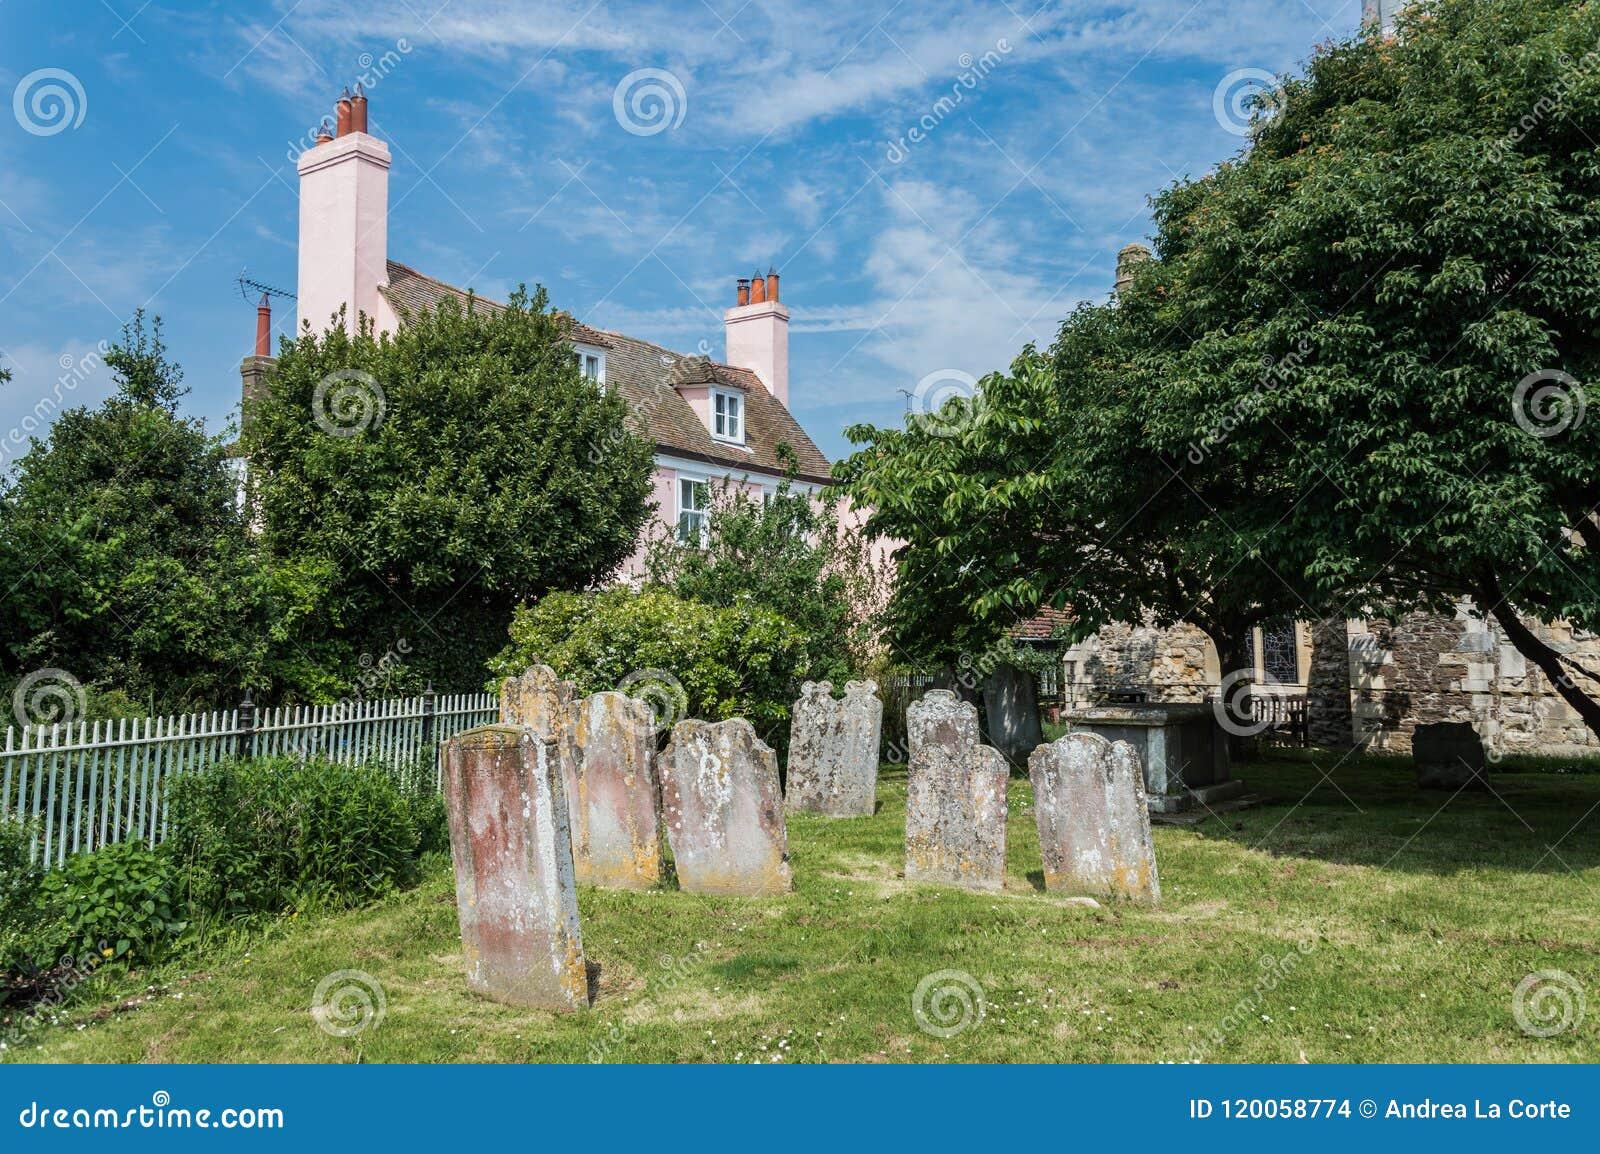 Stary cmentarz w życie w Wschodnim Sussex